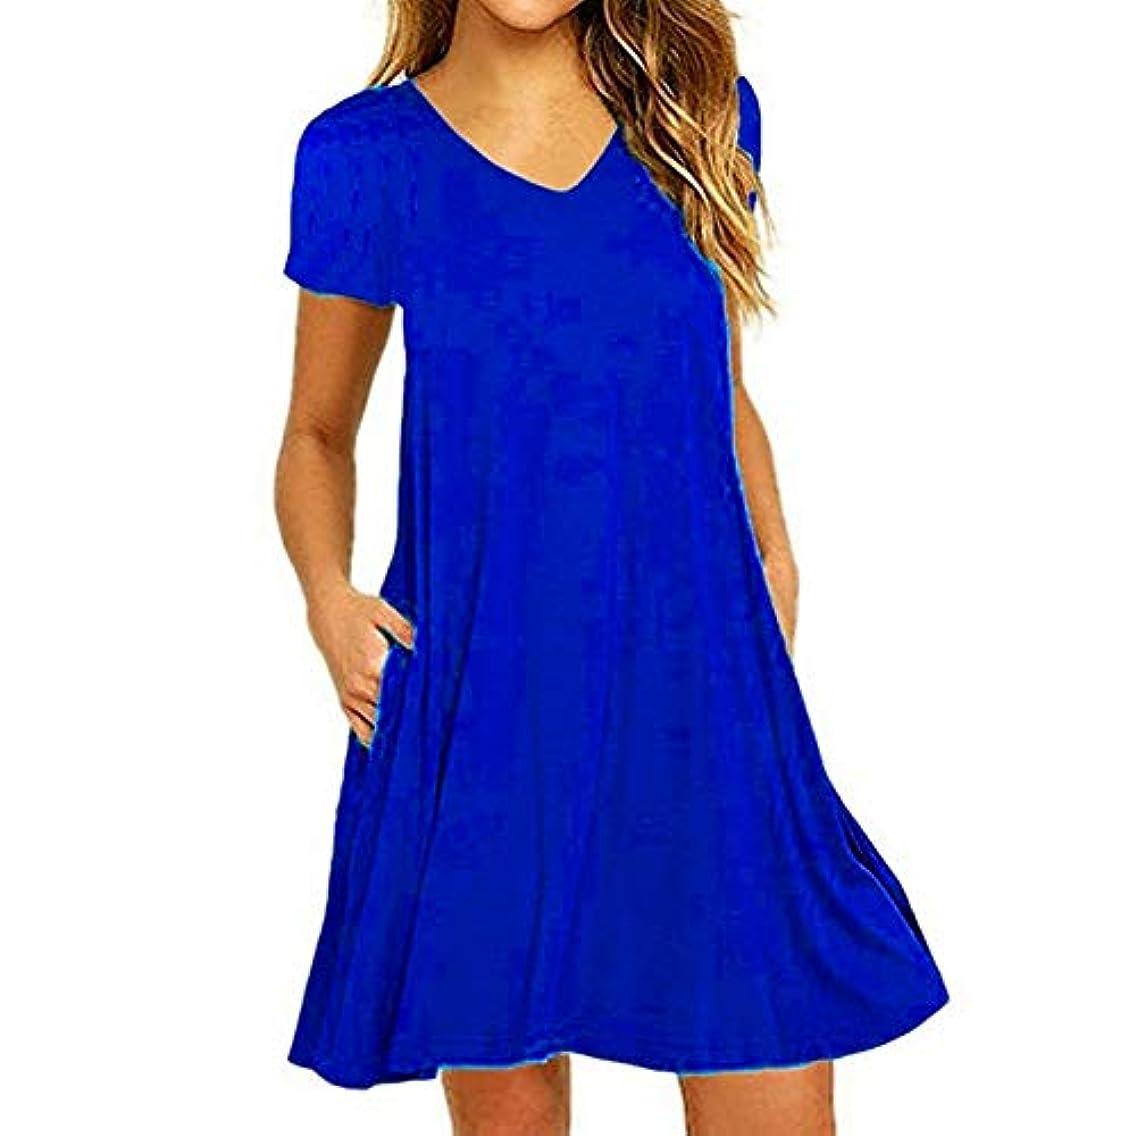 エコー兵隊こねるMIFAN の女性のドレスカジュアルな不規則なドレスルースサマービーチTシャツドレス